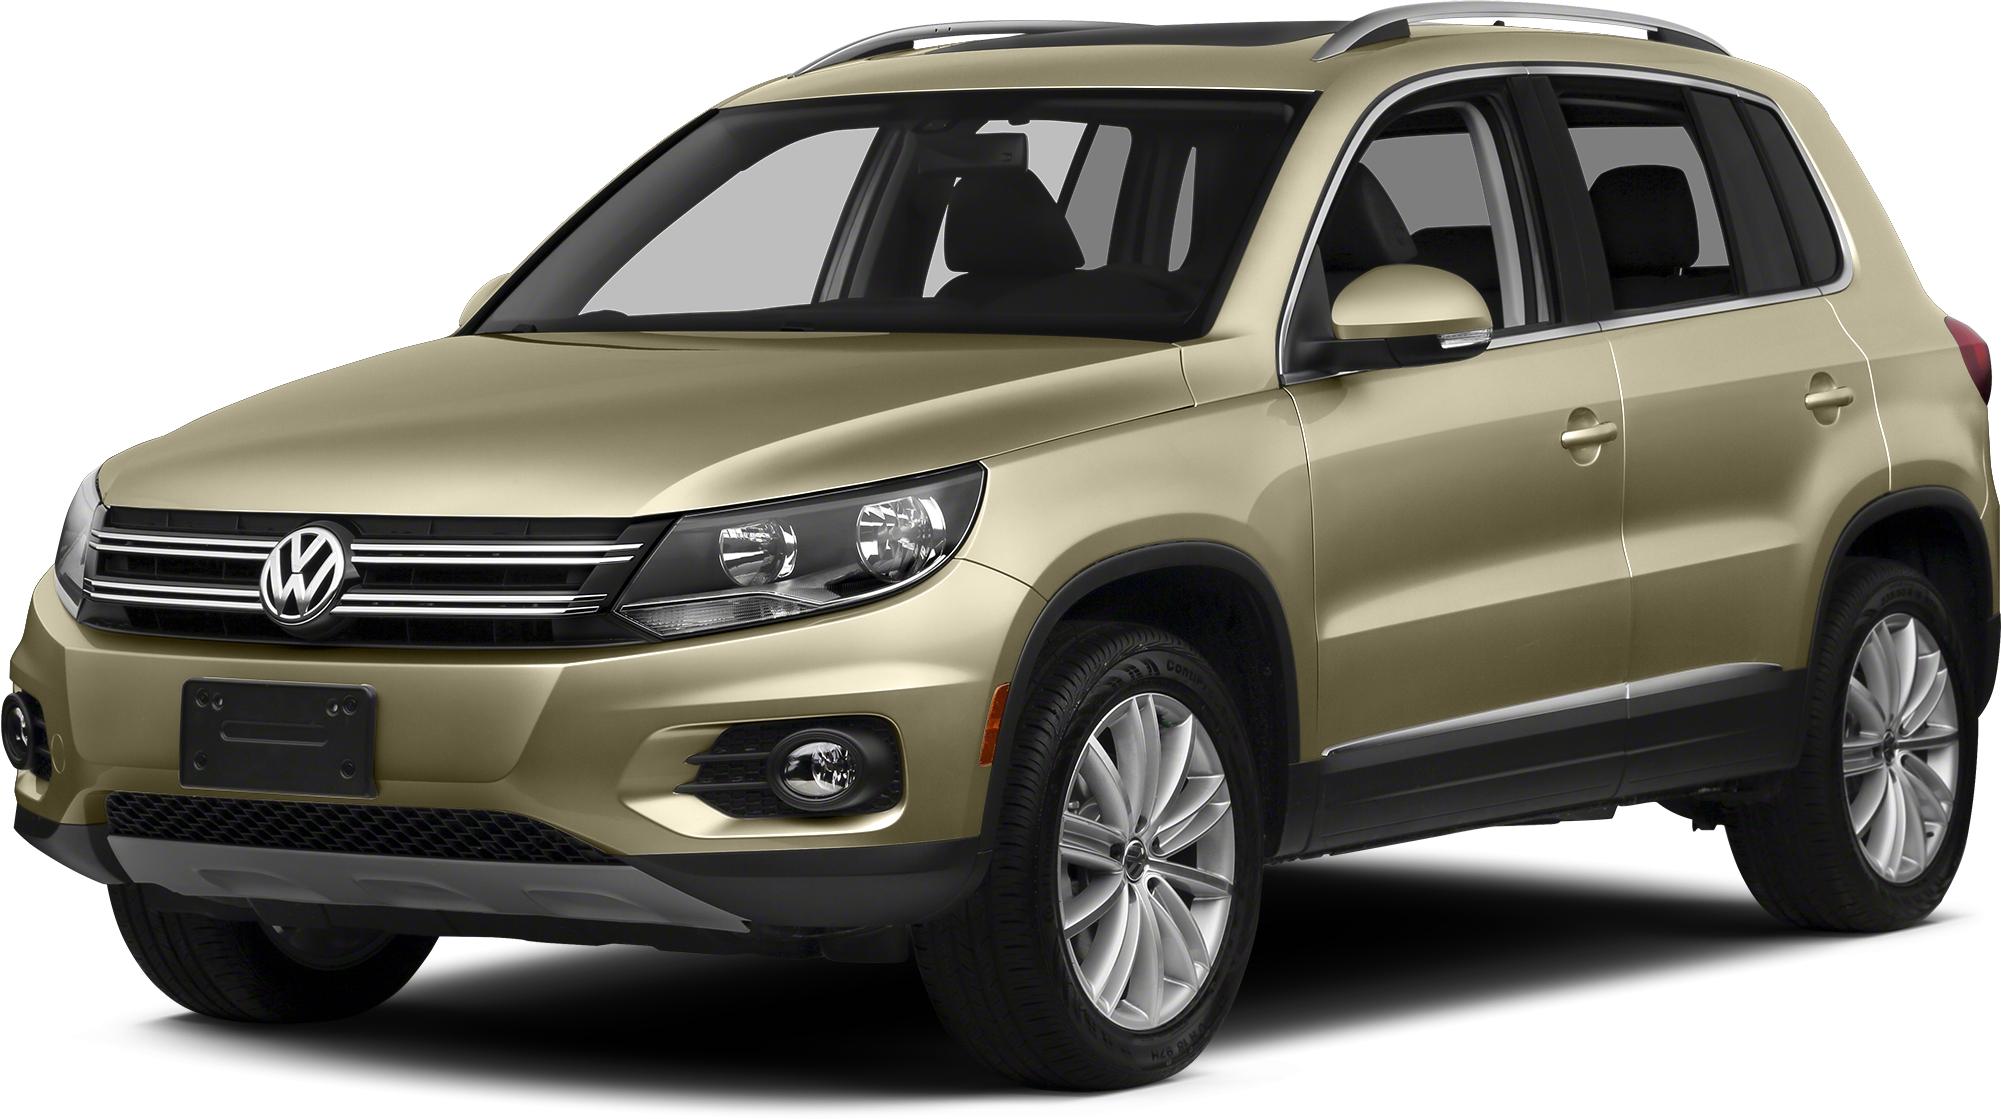 2013 Volkswagen Tiguan Jackson TN 26281378